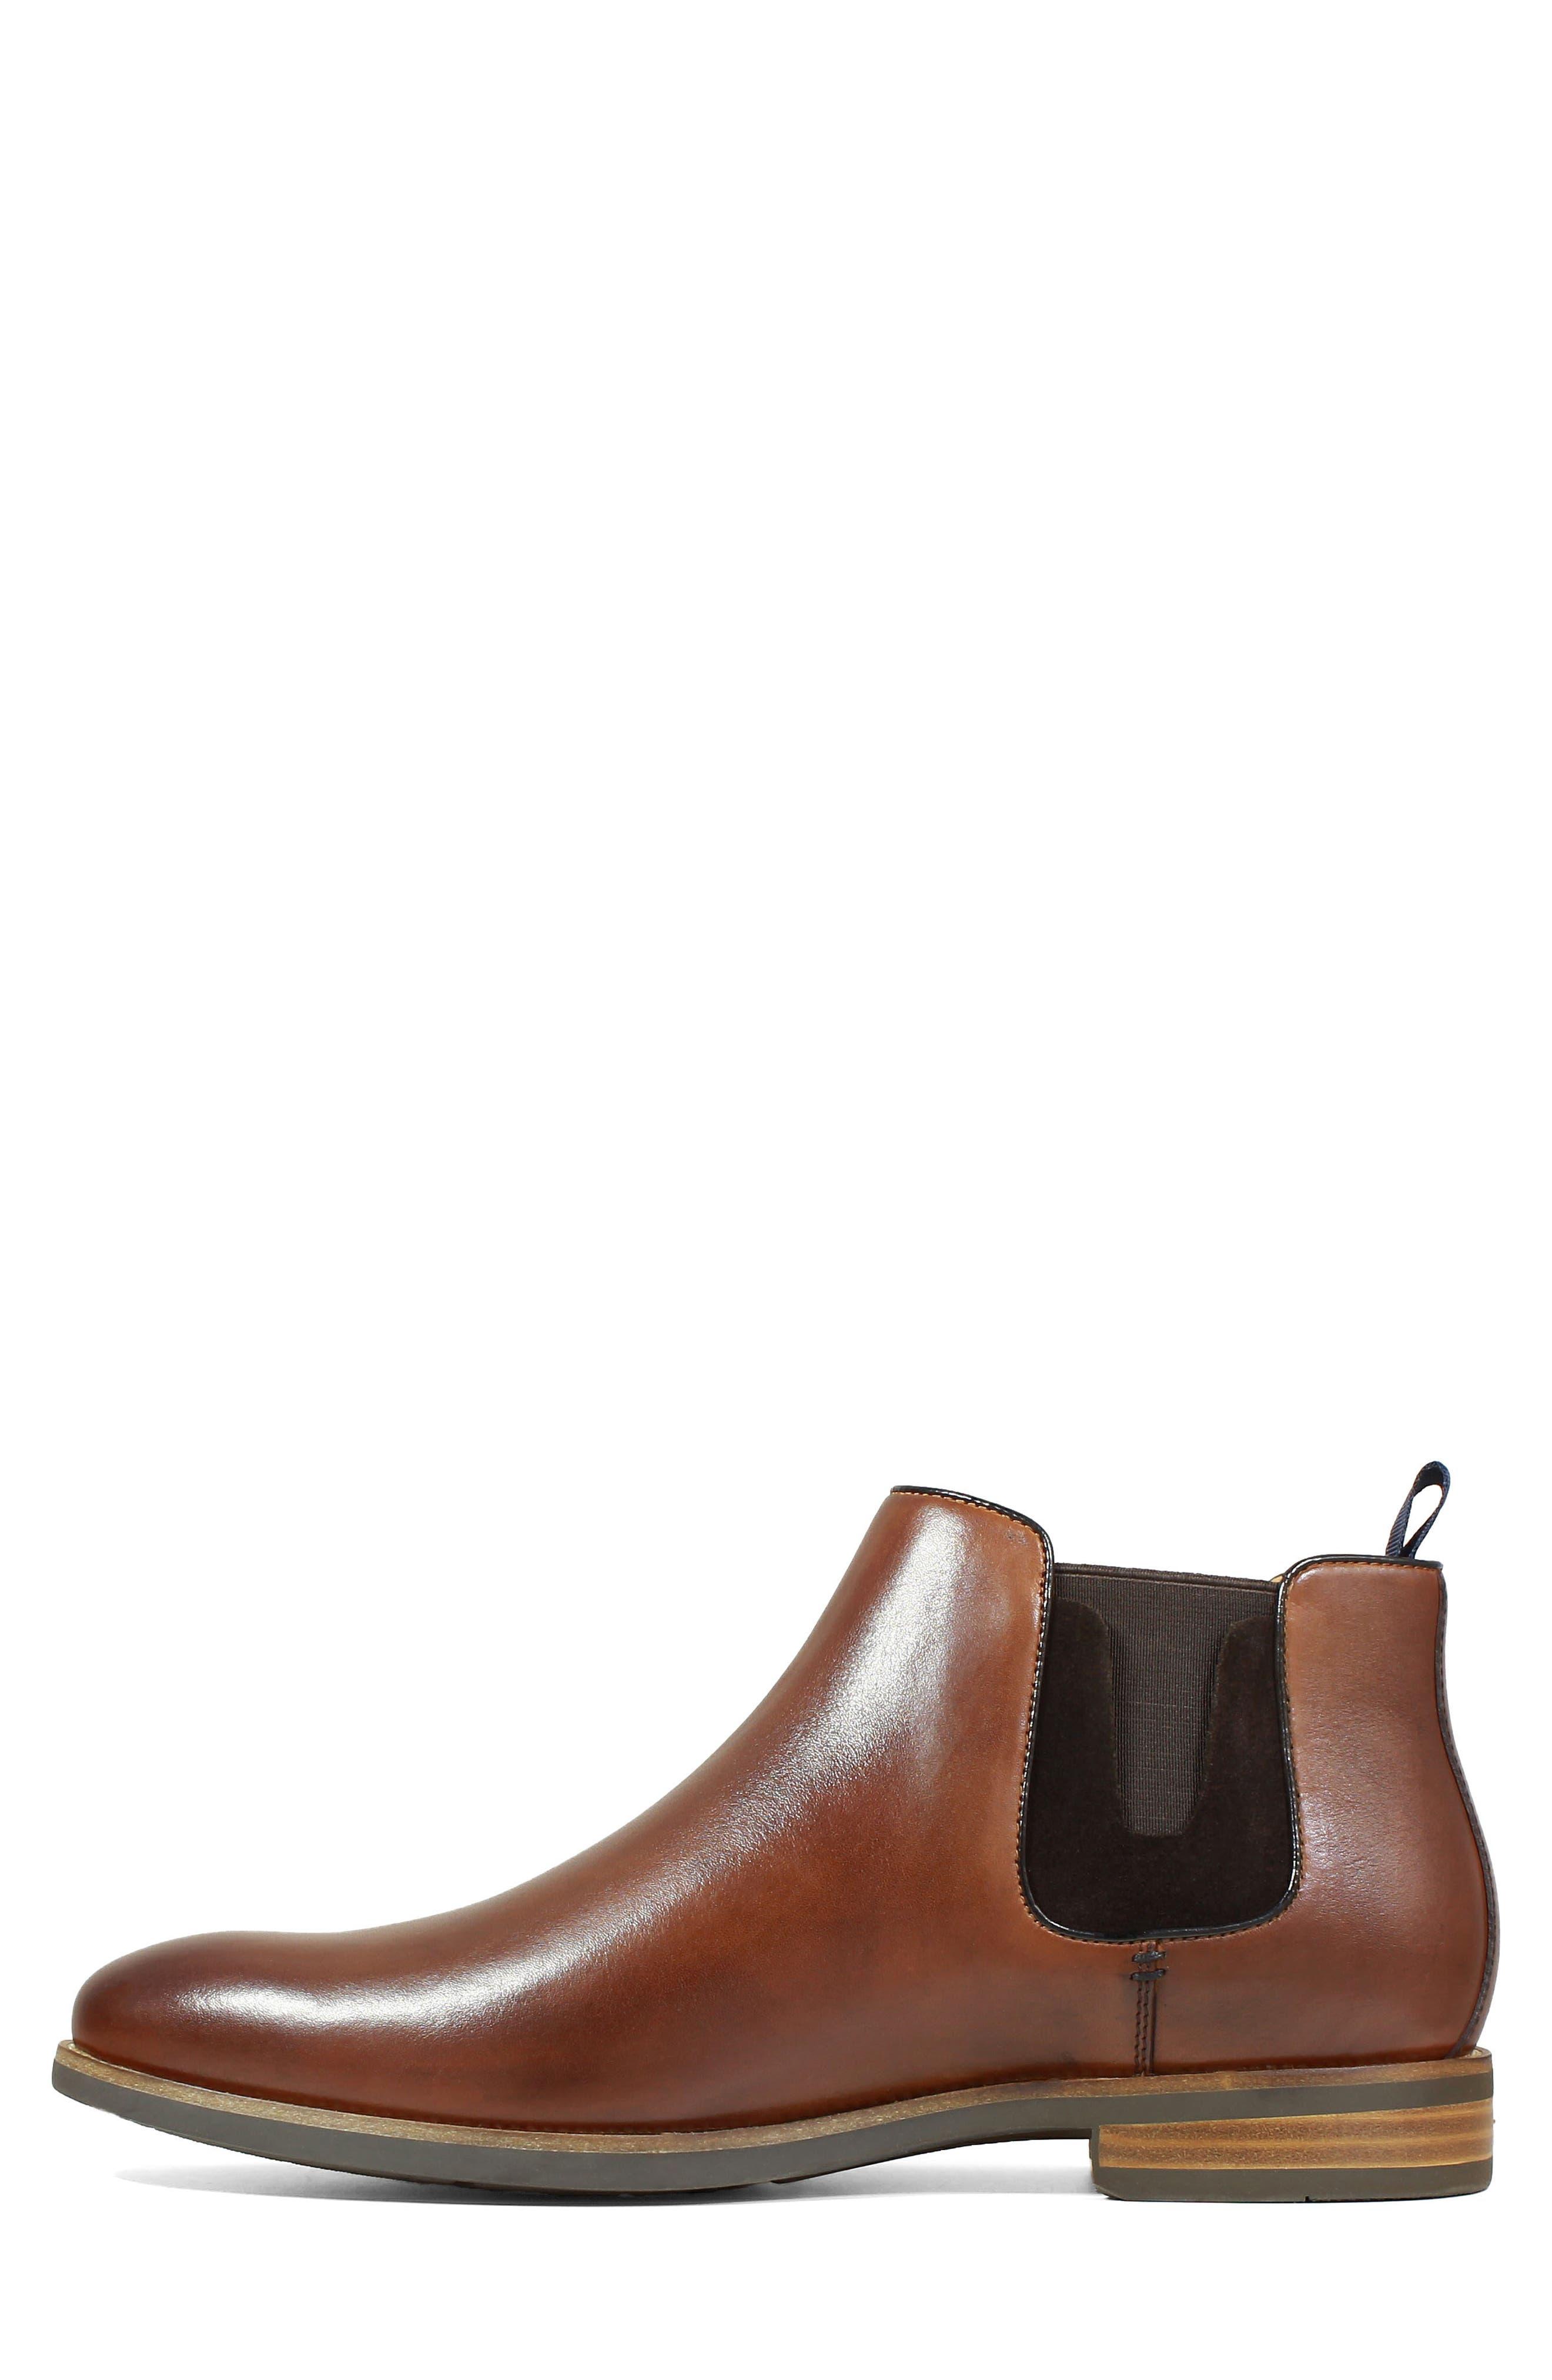 FLORSHEIM, Uptown Plain Toe Mid Chelsea Boot, Alternate thumbnail 8, color, COGNAC LEATHER